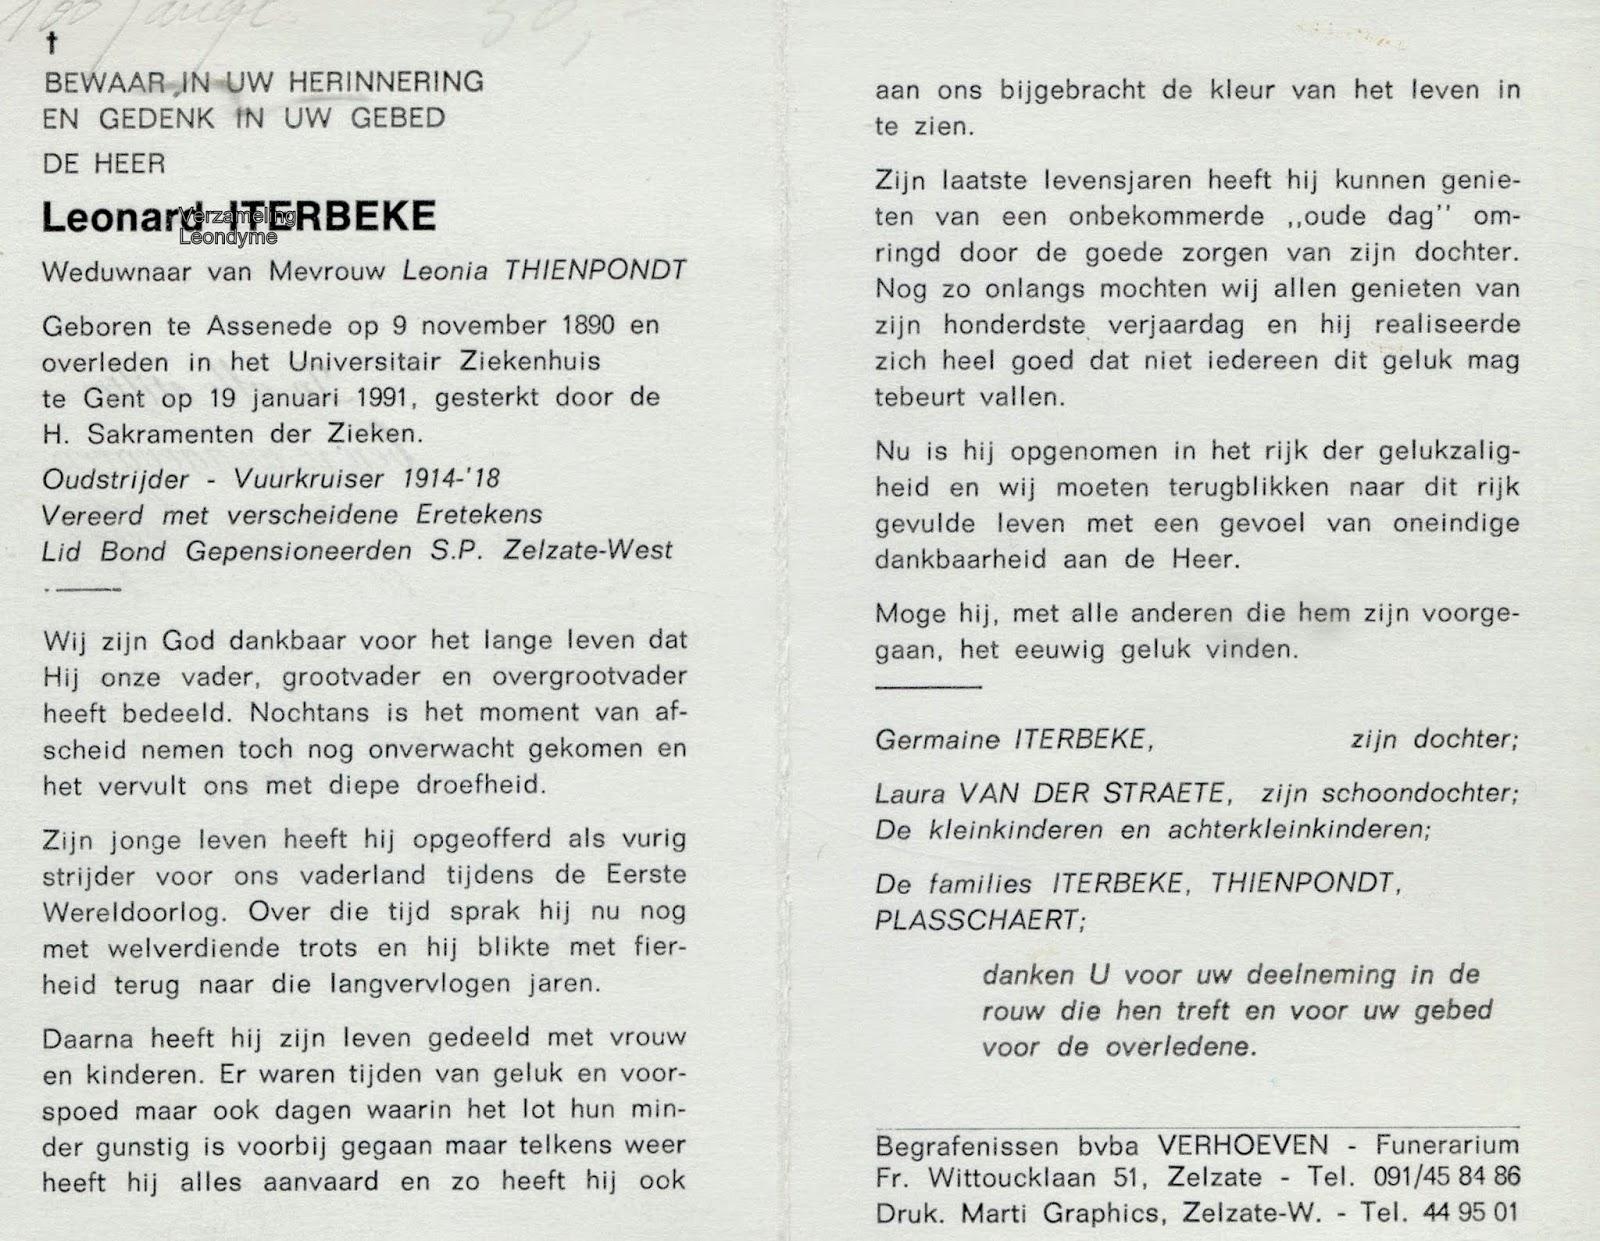 Bidprentje, Leonard Iterbeke 1890-1991. Verzameling Leondyme.